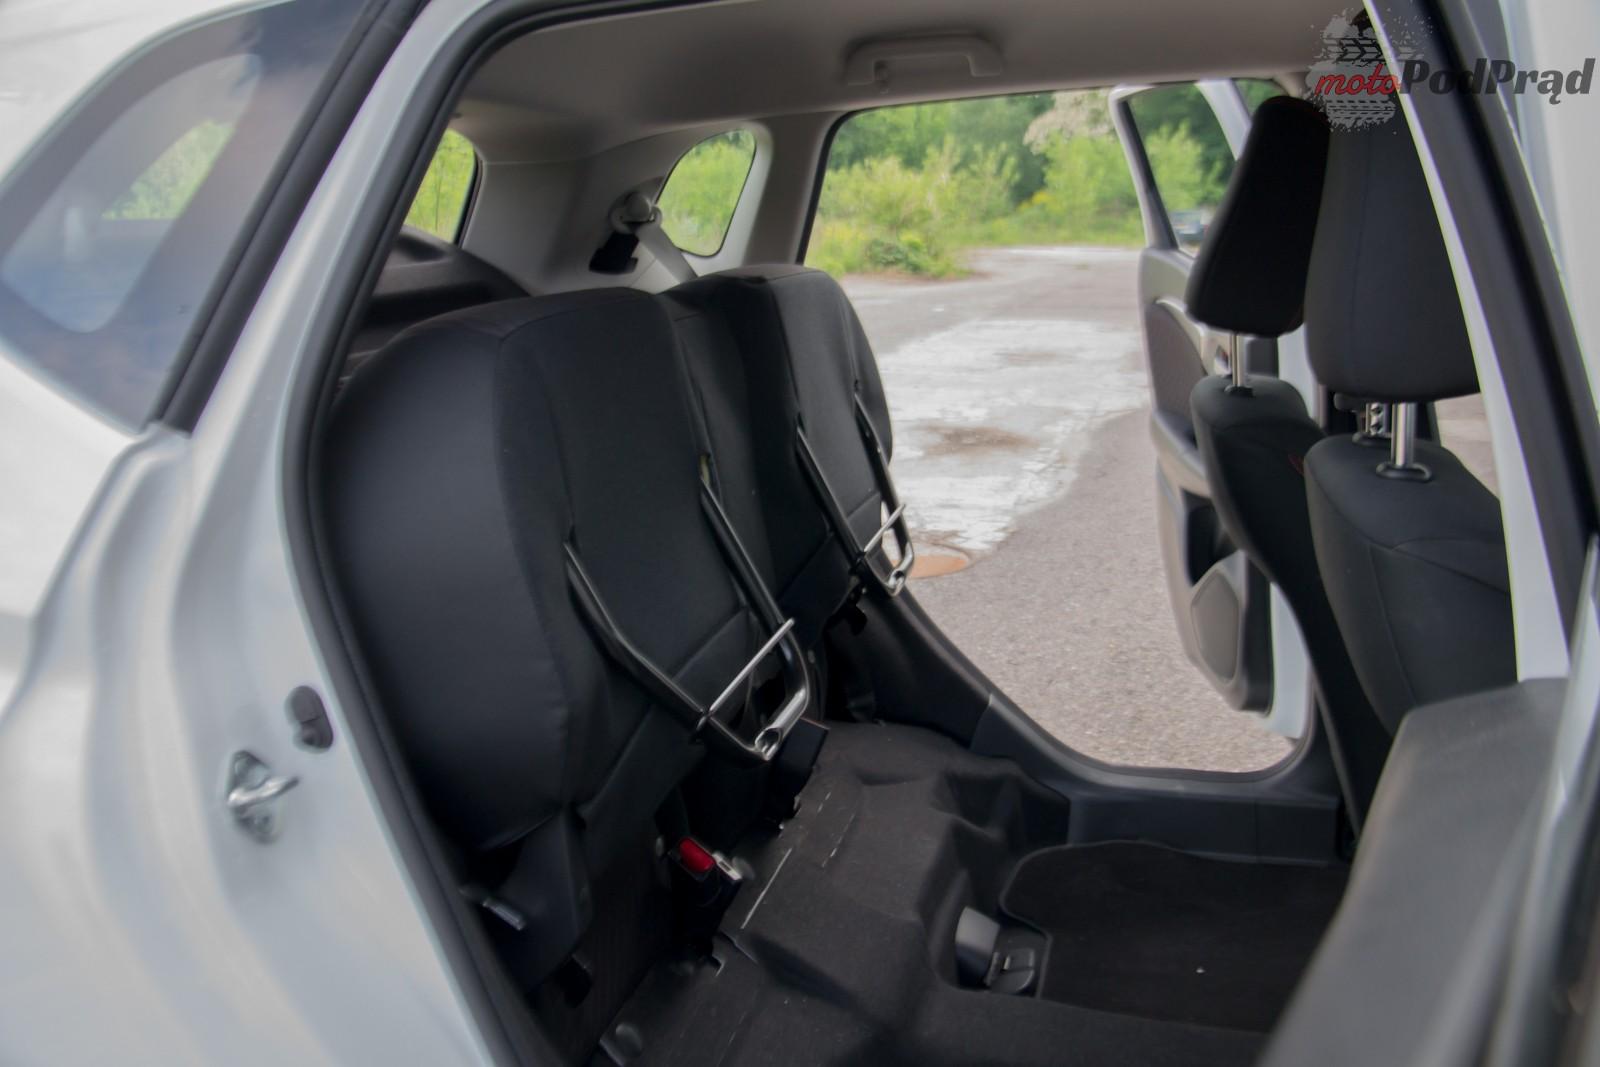 DSC 0211 Test: Honda Jazz 1.5 i VTEC Dynamic   żwawa JAZZda